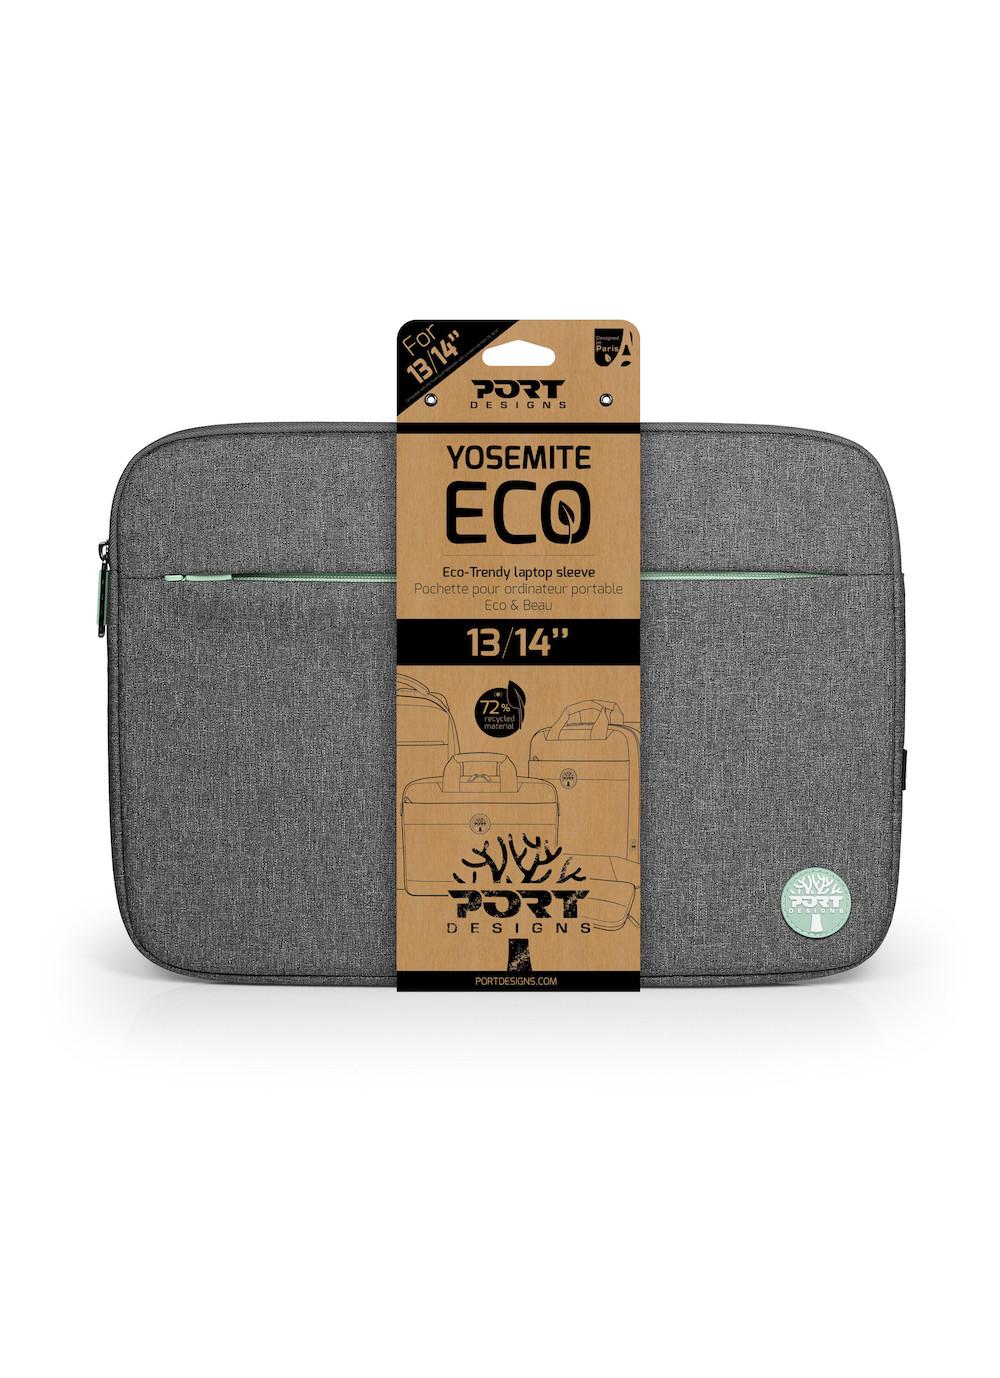 PORT Designs YOSEMITE Eco - Schutzhülle - 35,6 cm (14 Zoll) - 200 g